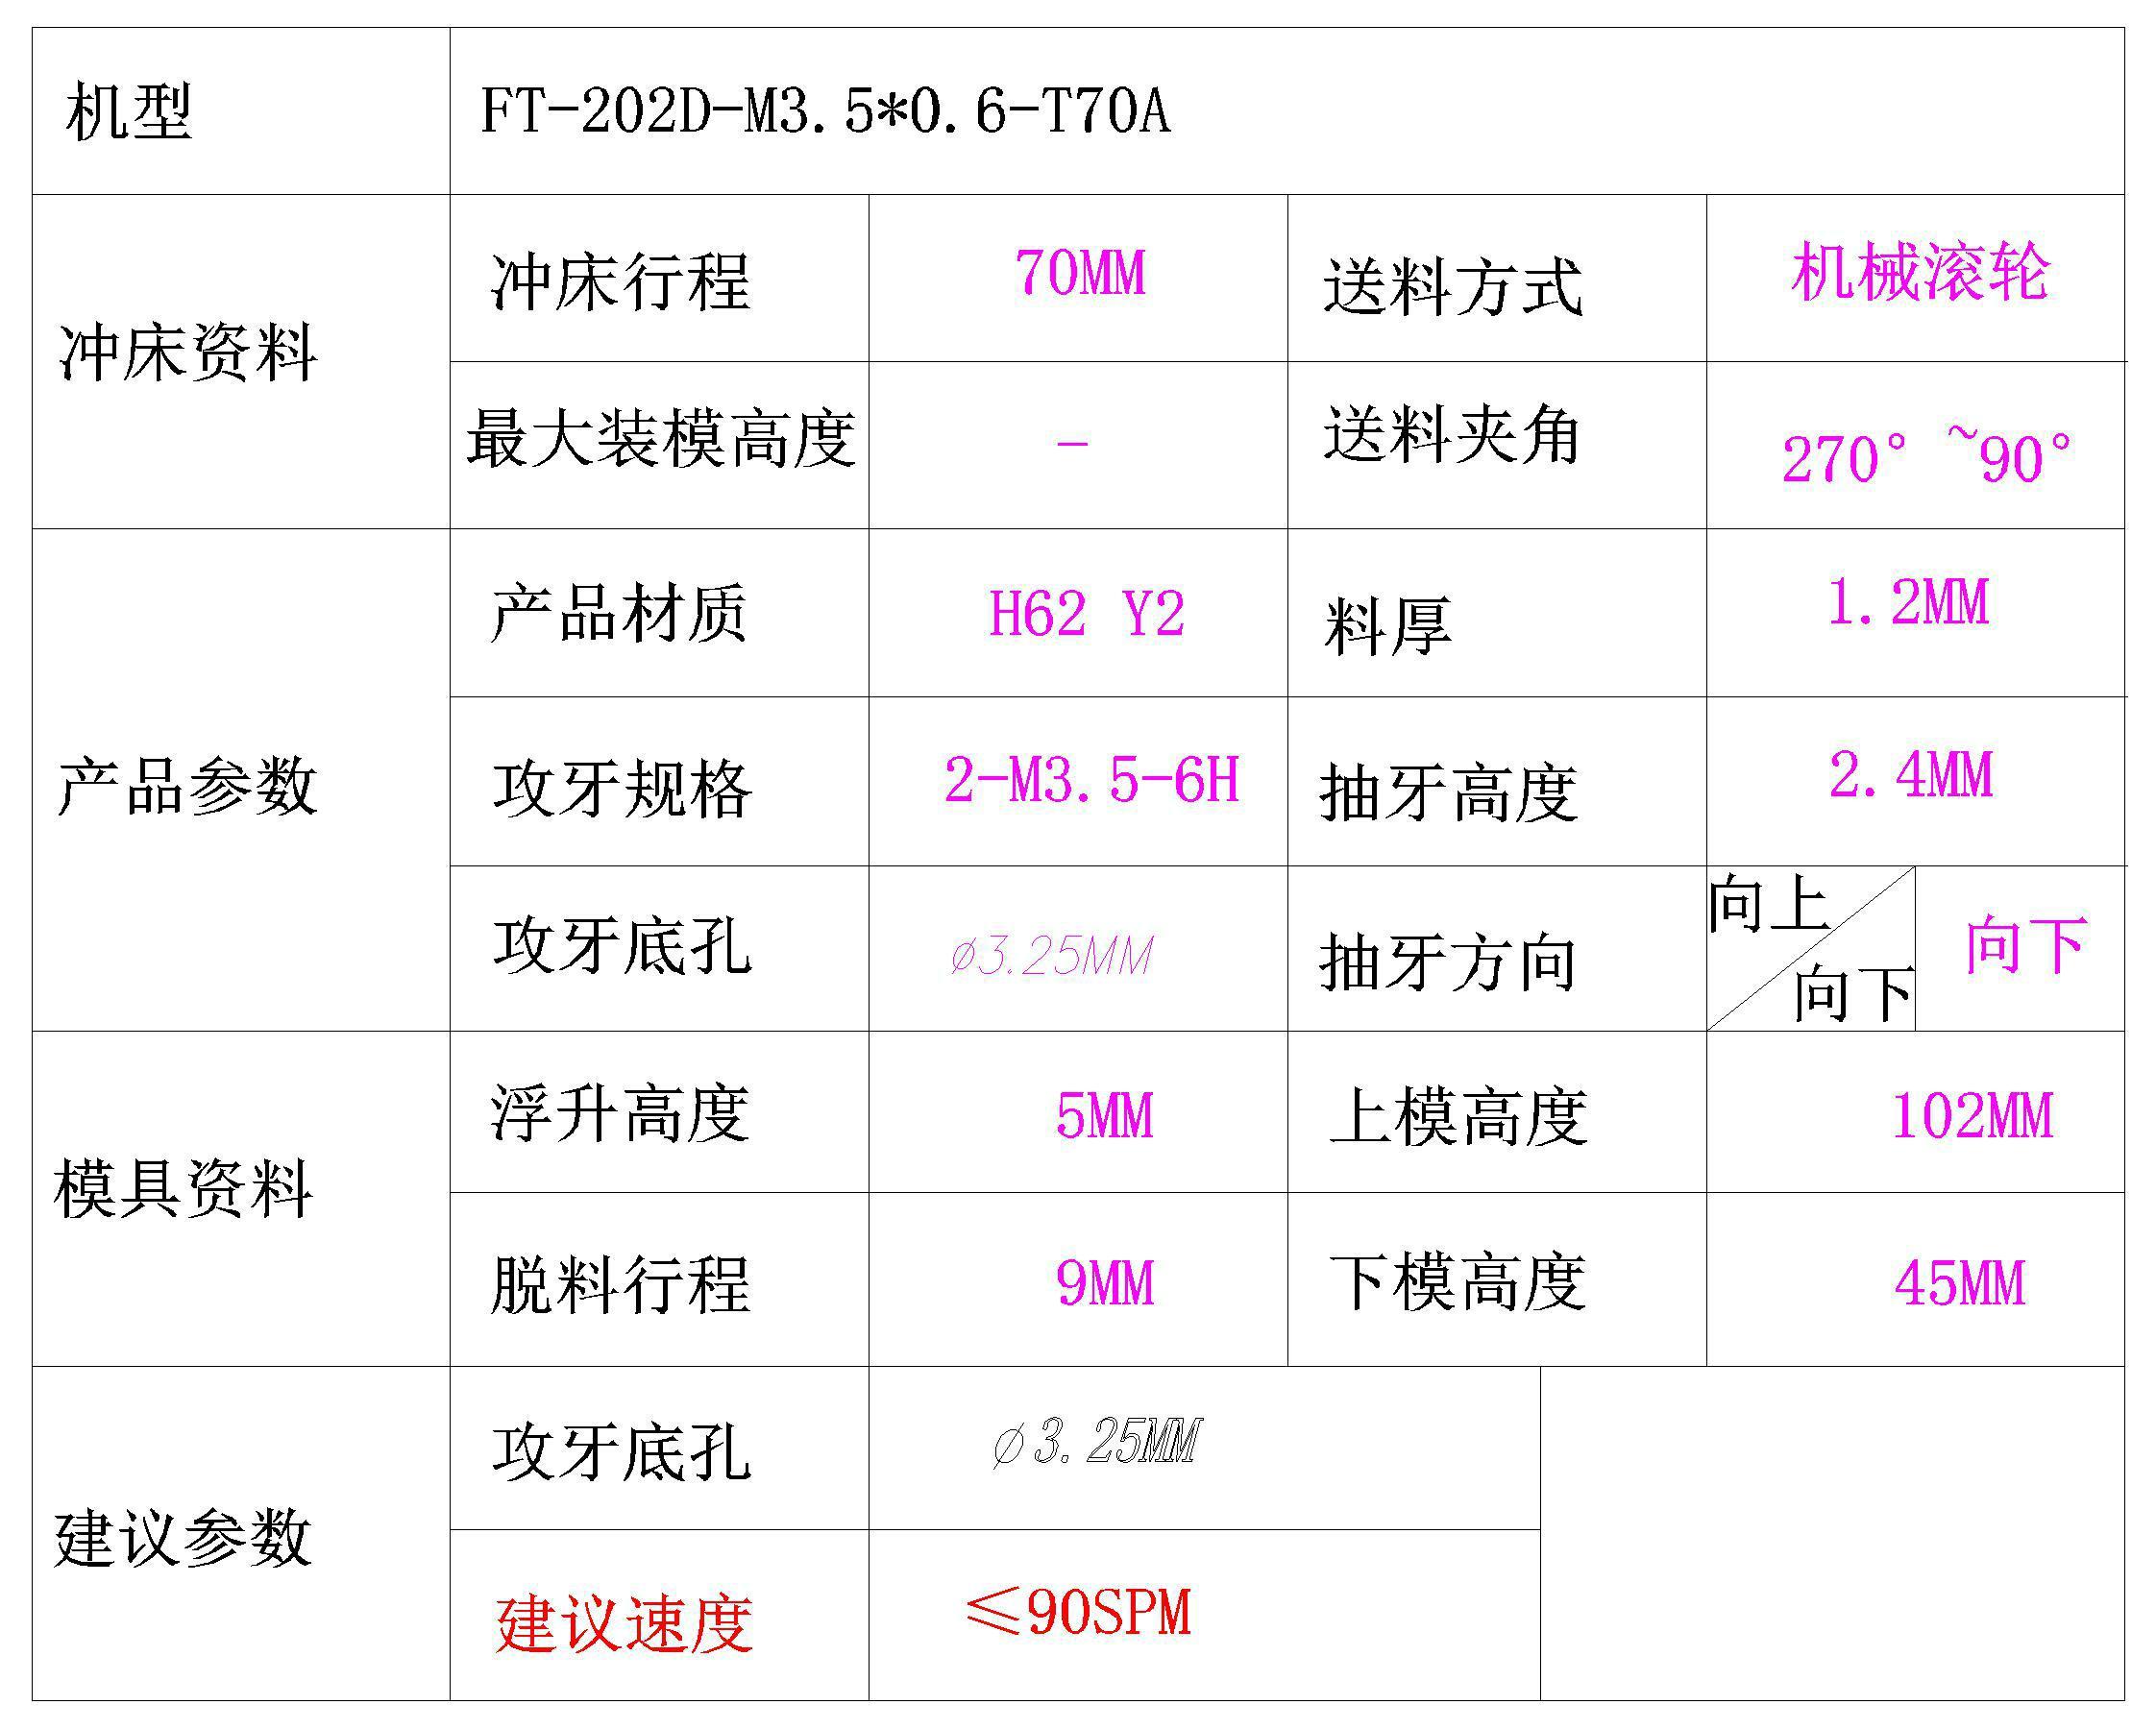 福达合金材料股份有限公司2孔机方案20210726(8FDY.550.2047-002)(1).jpg